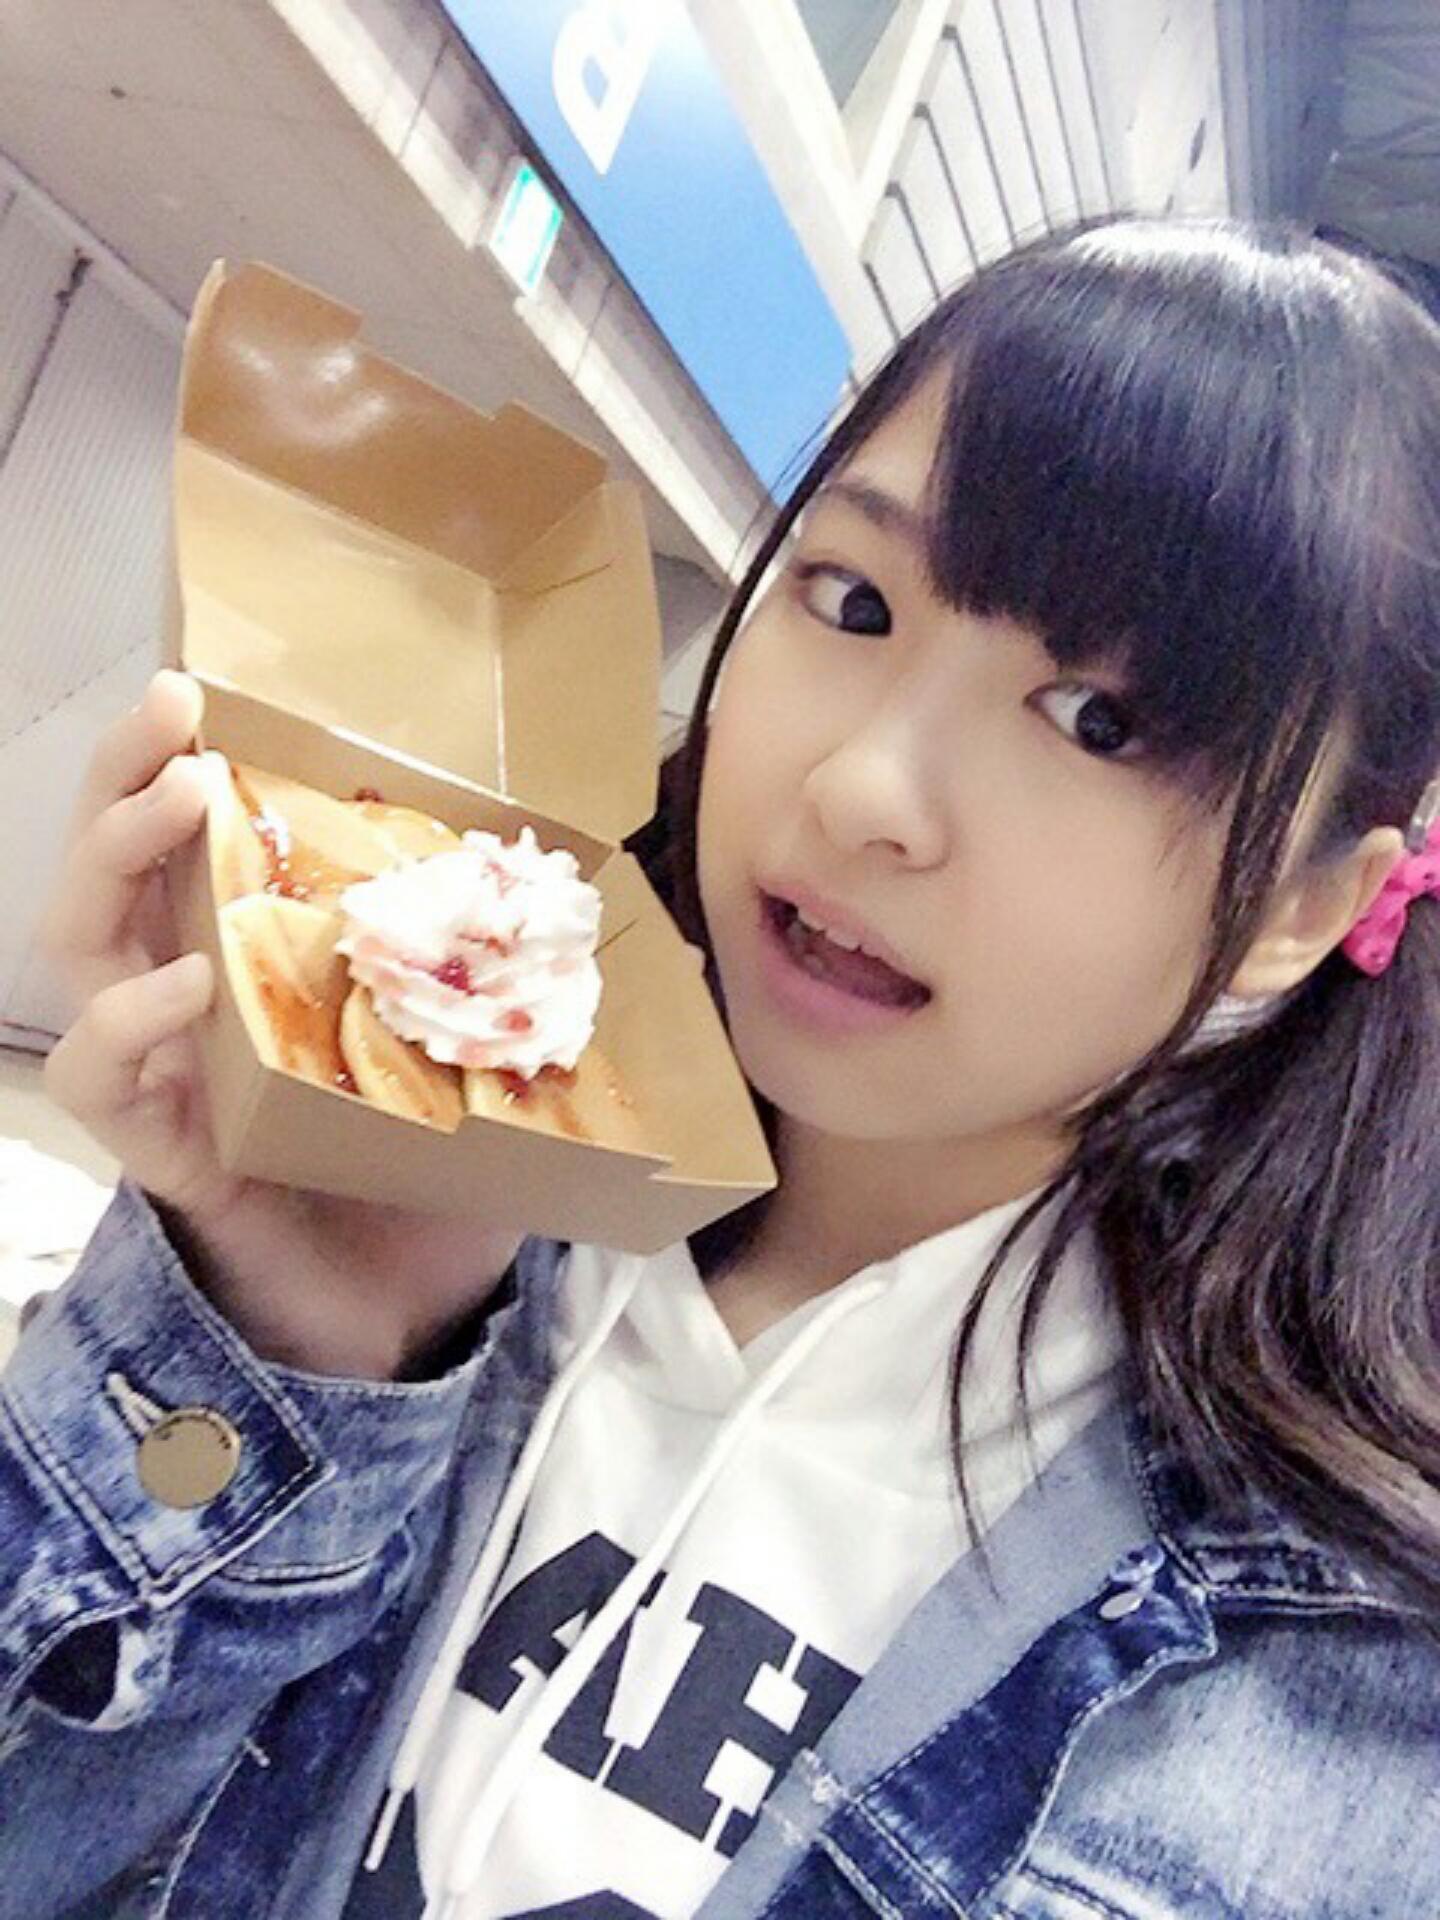 【AKB48 チーム8】橋本陽菜 応援スレ☆2.1【はるぴょん】 ©2ch.net